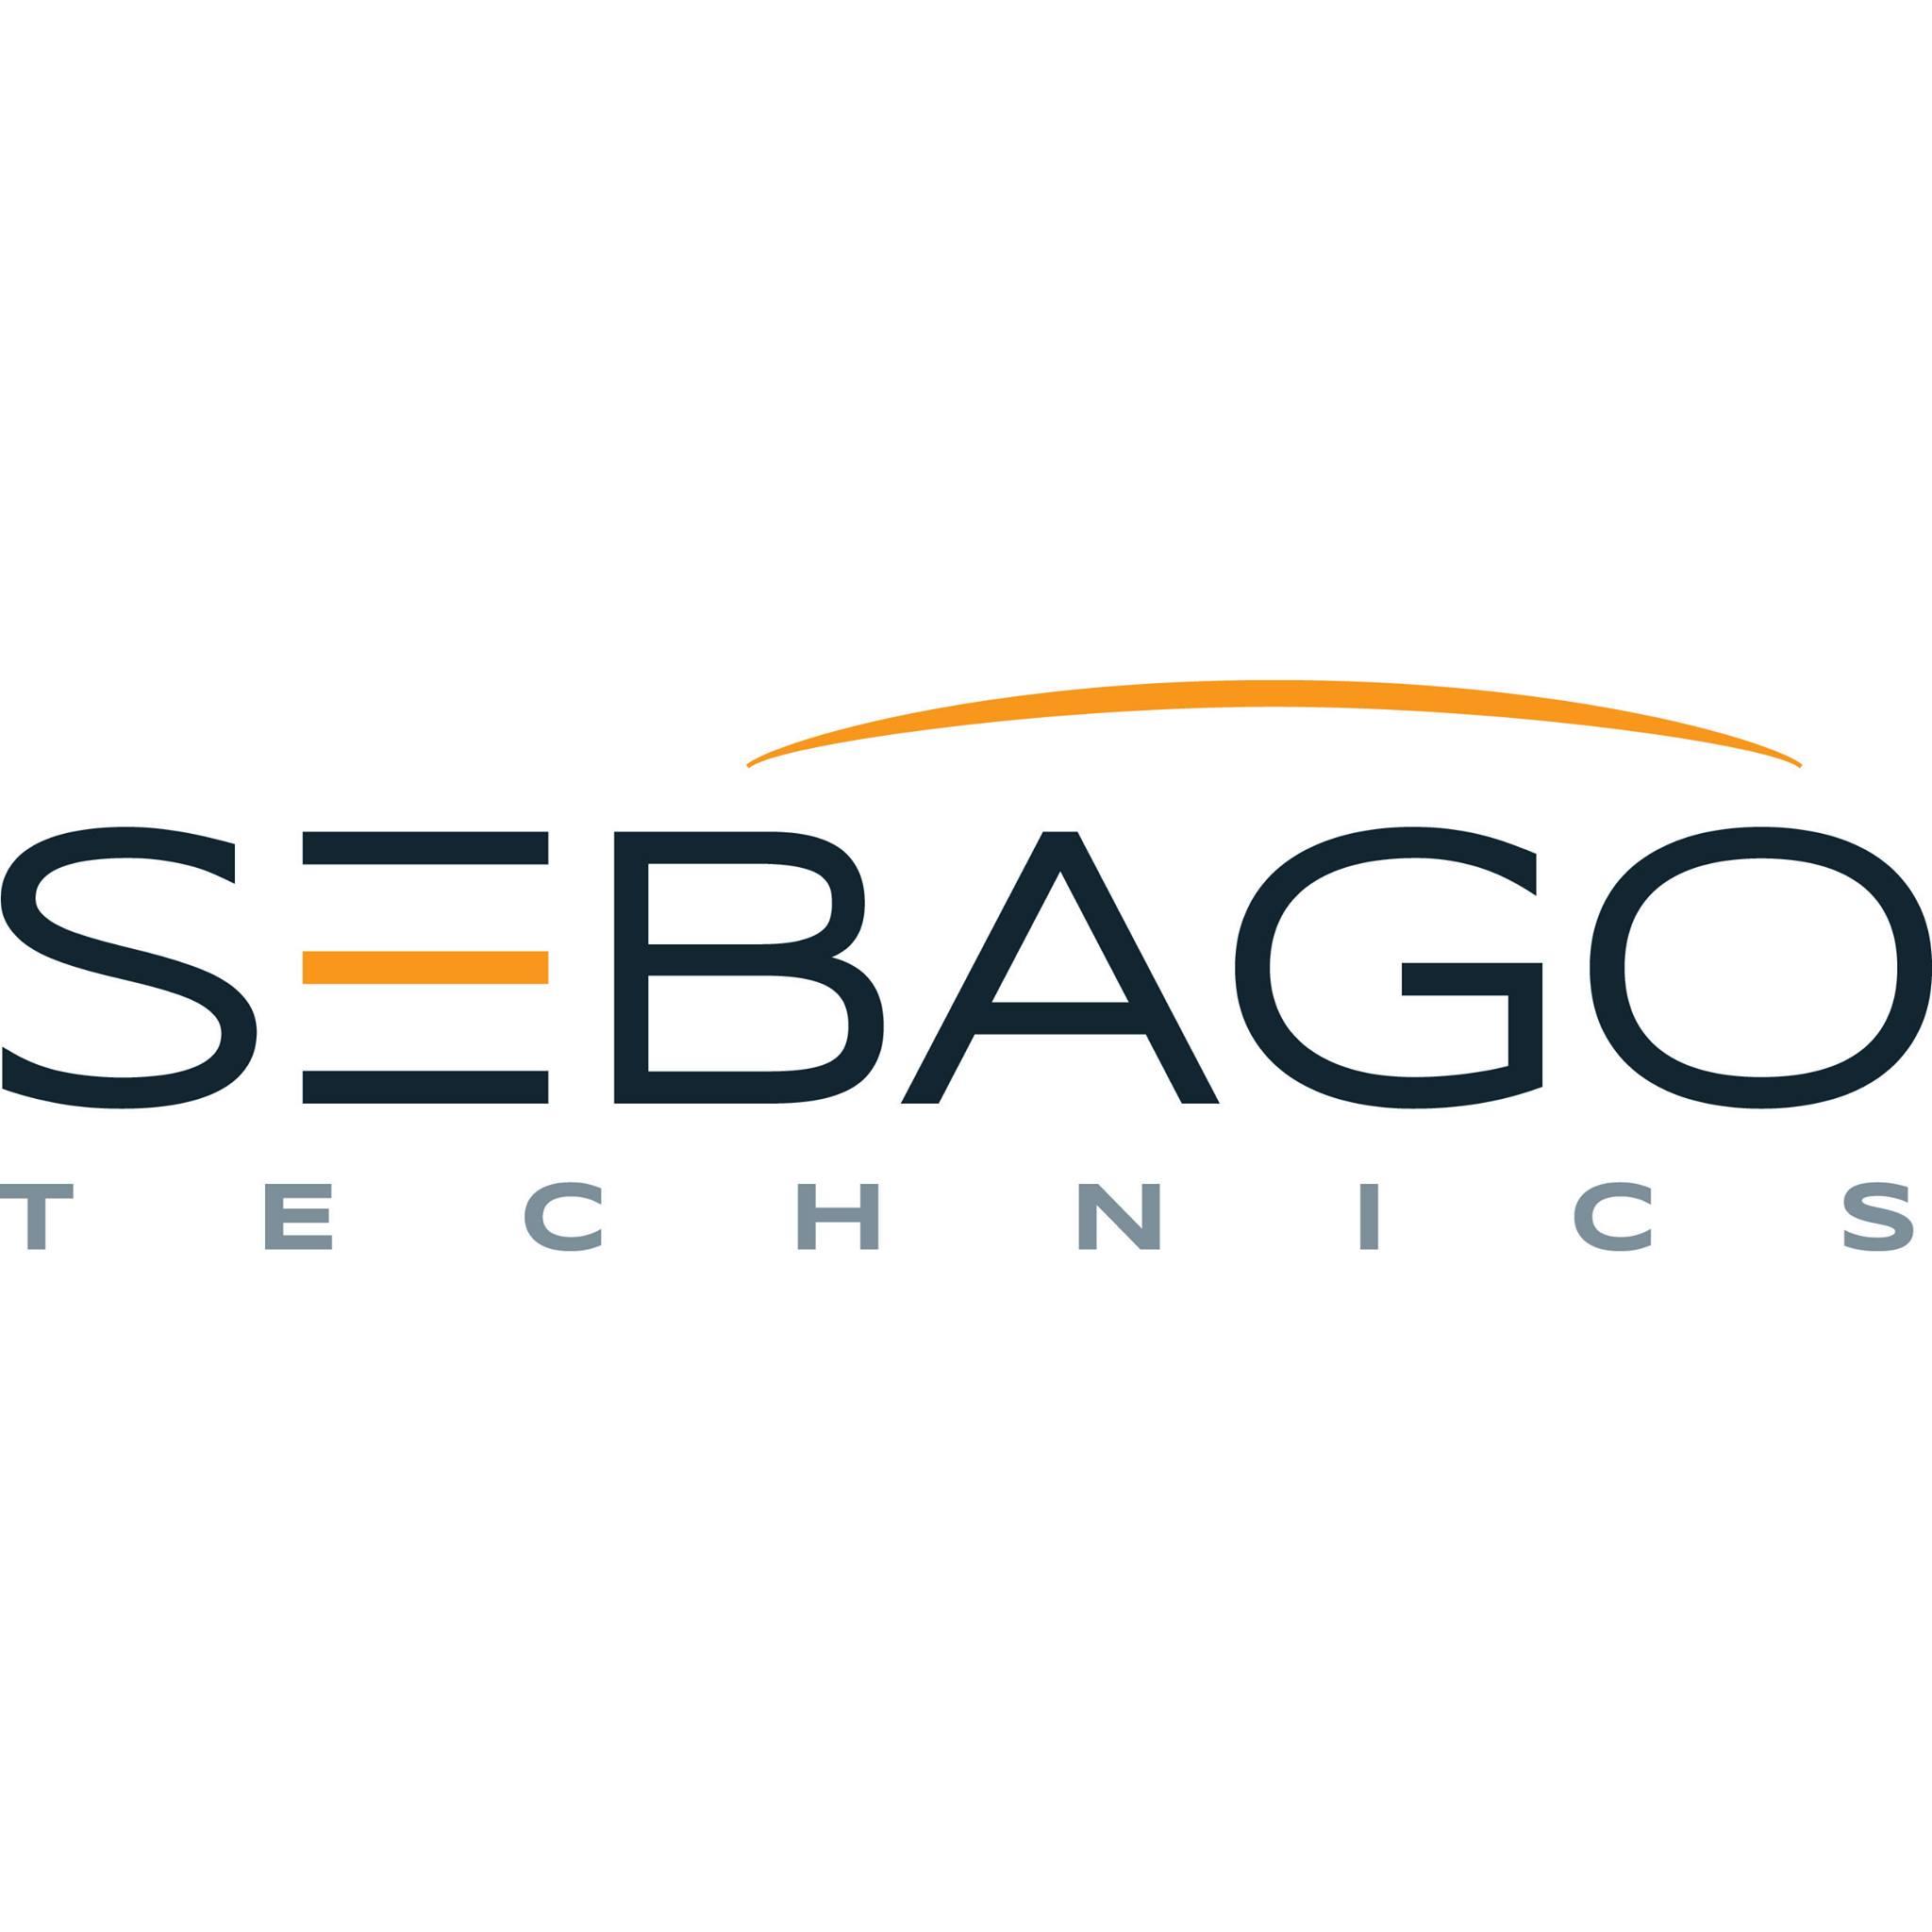 Sebago Technics